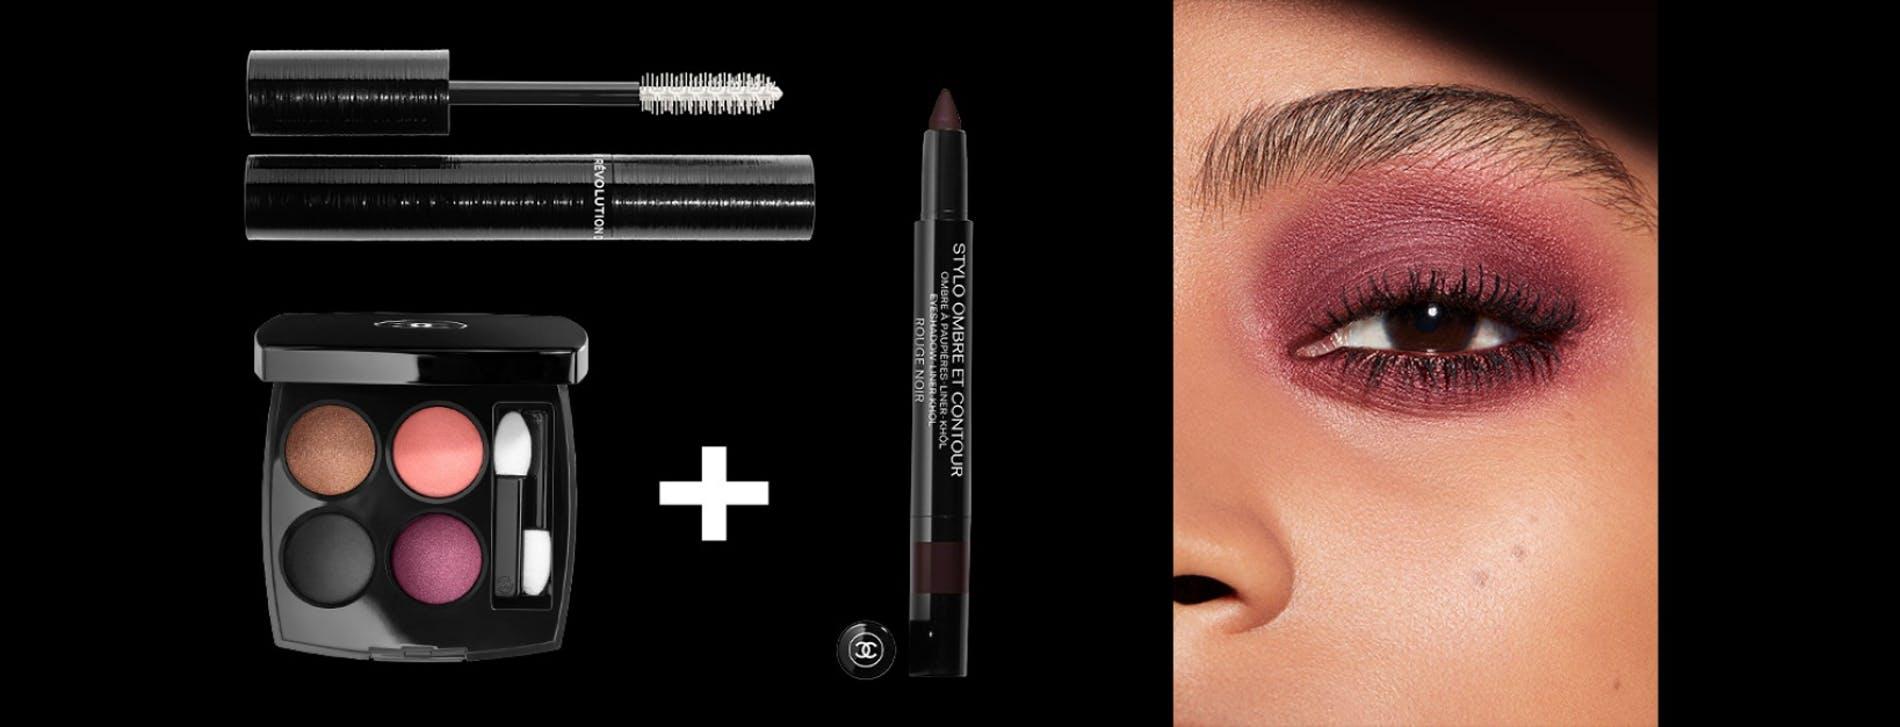 CHANEL mascara Volume Révolution Brosse 3D Rose intrépide Esprit de Gabrielle espritdegabrielle.com